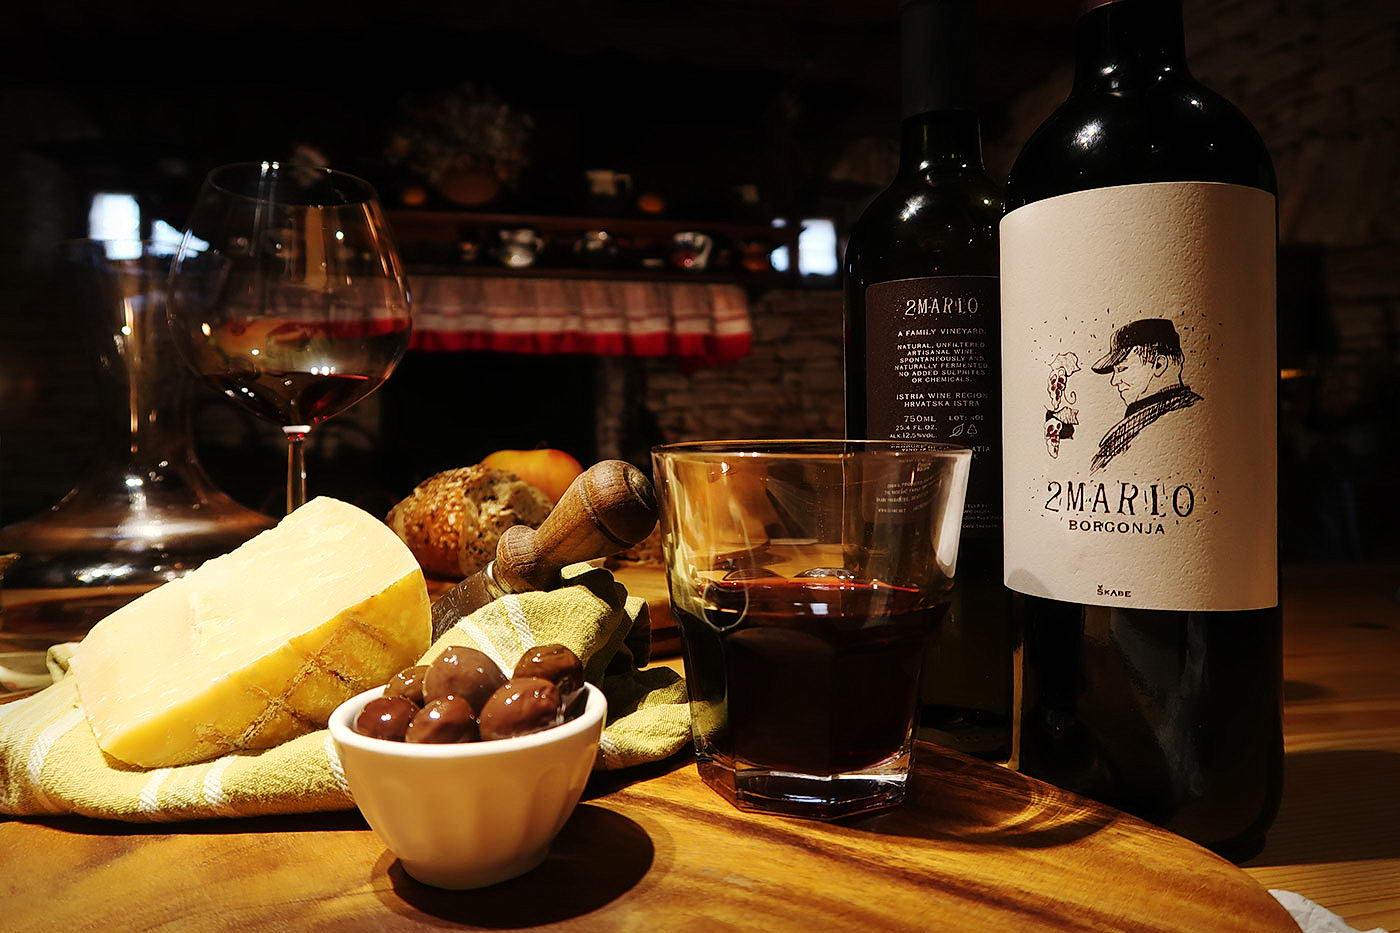 2Mario Borgonja - Natural Wine by Skabe